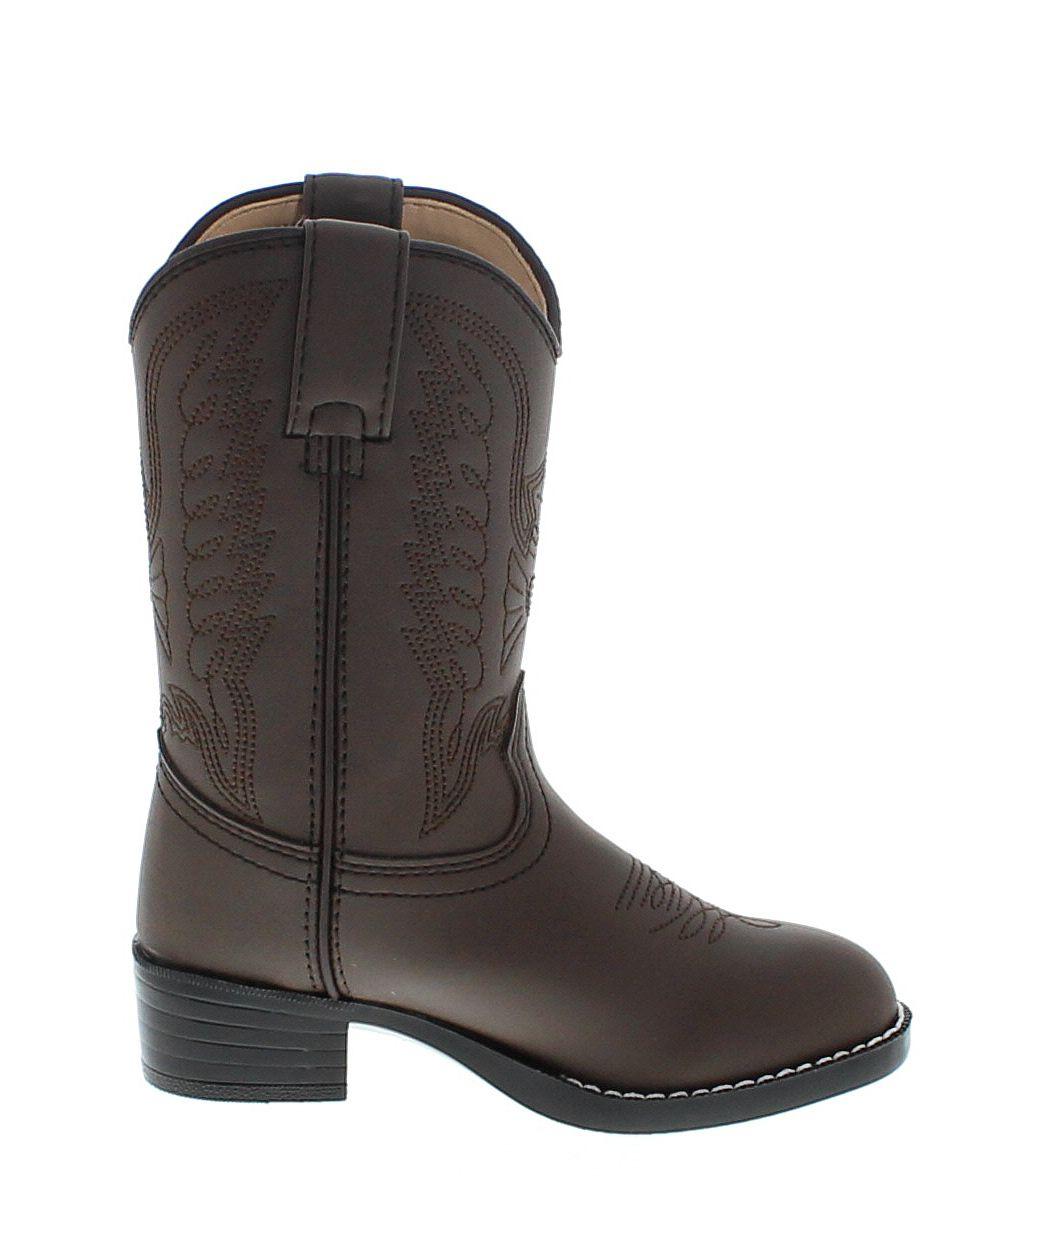 Durango Boots Lil Durango Bt804 Bt904 Brown Kids Western